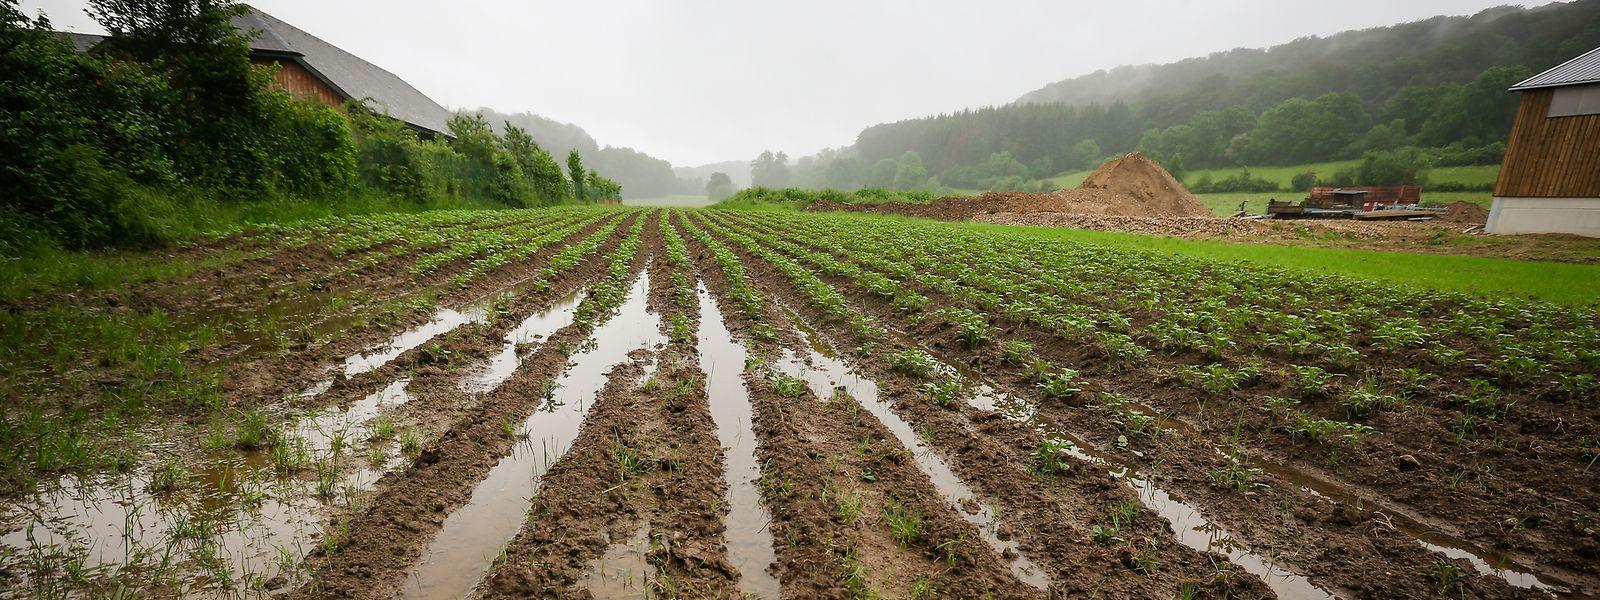 Für Déi Lénk müssen in der Klima- und Sozialpolitik neue Wege eingeschlagen werden. Unter anderem fordern sie eine faire Biolandwirtschaft.